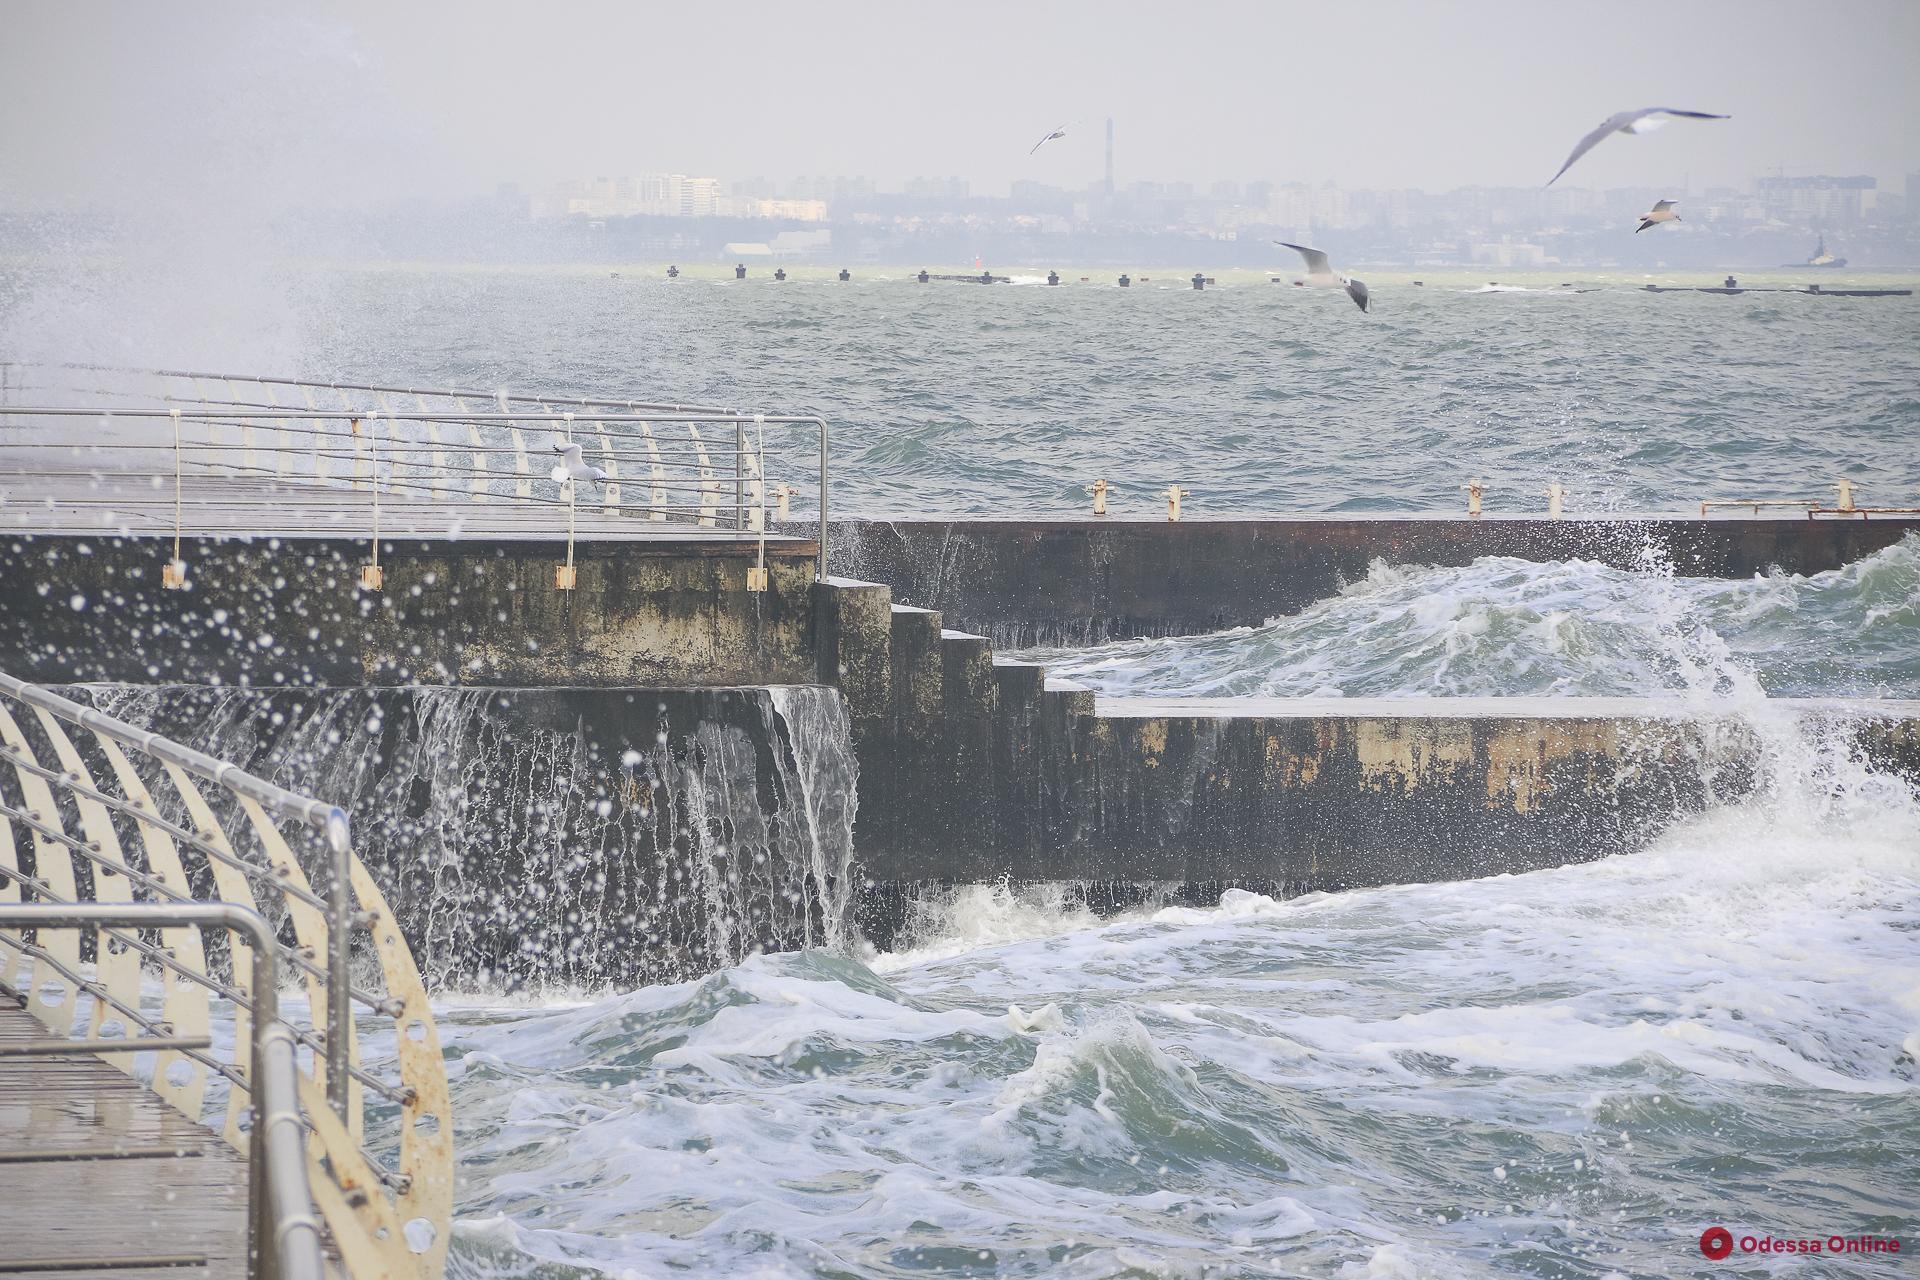 Бушующее море, чайки и пустынный пляж: прогулка по Ланжерону (фоторепортаж)